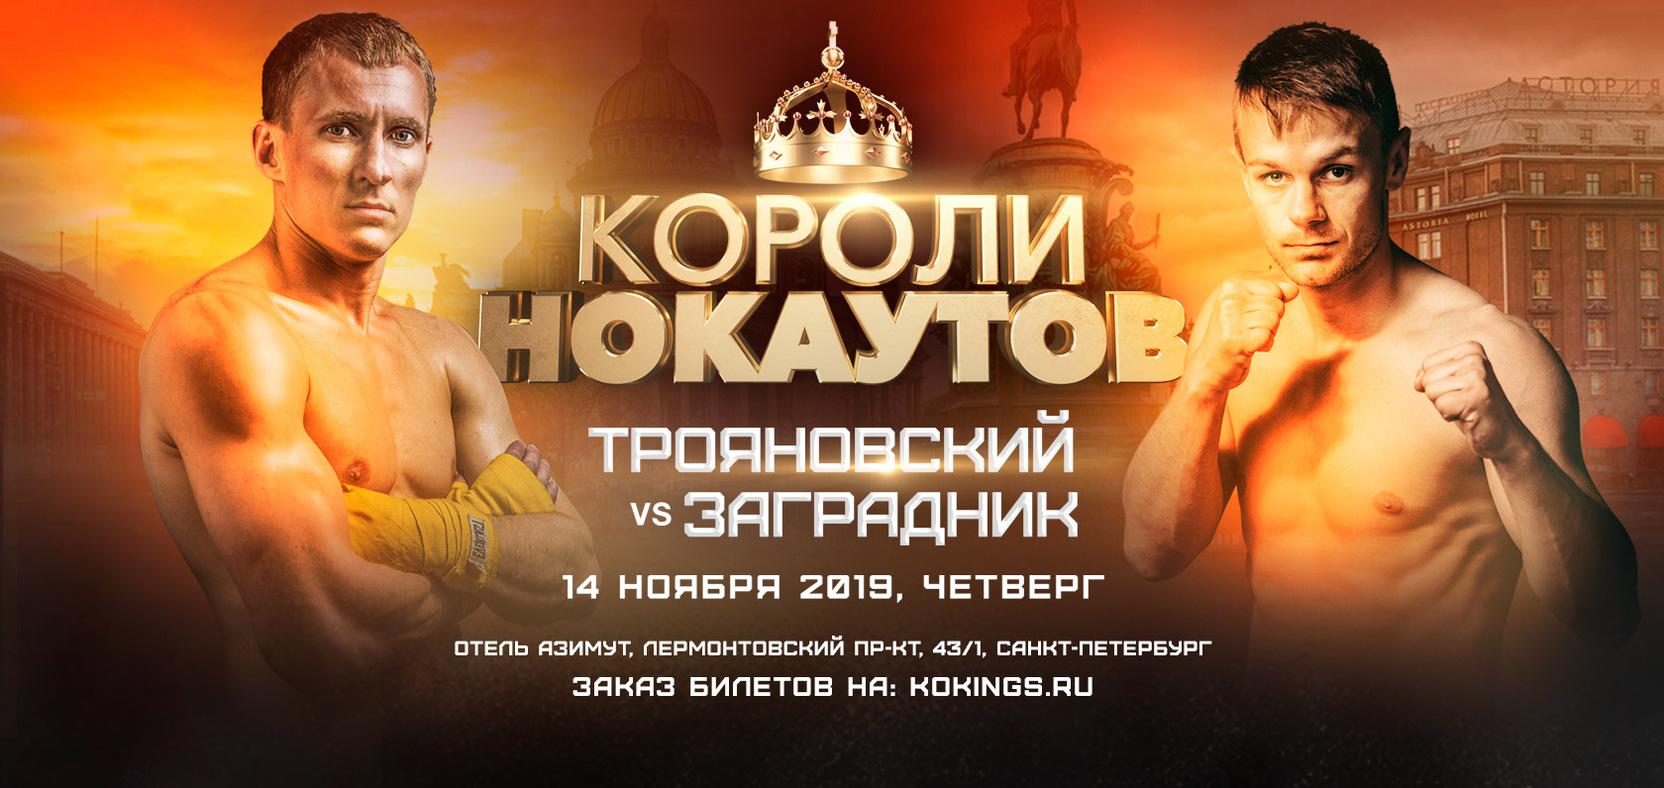 Боксерское шоу «Короли Нокаутов» - главный бой: Трояновский - Заградник